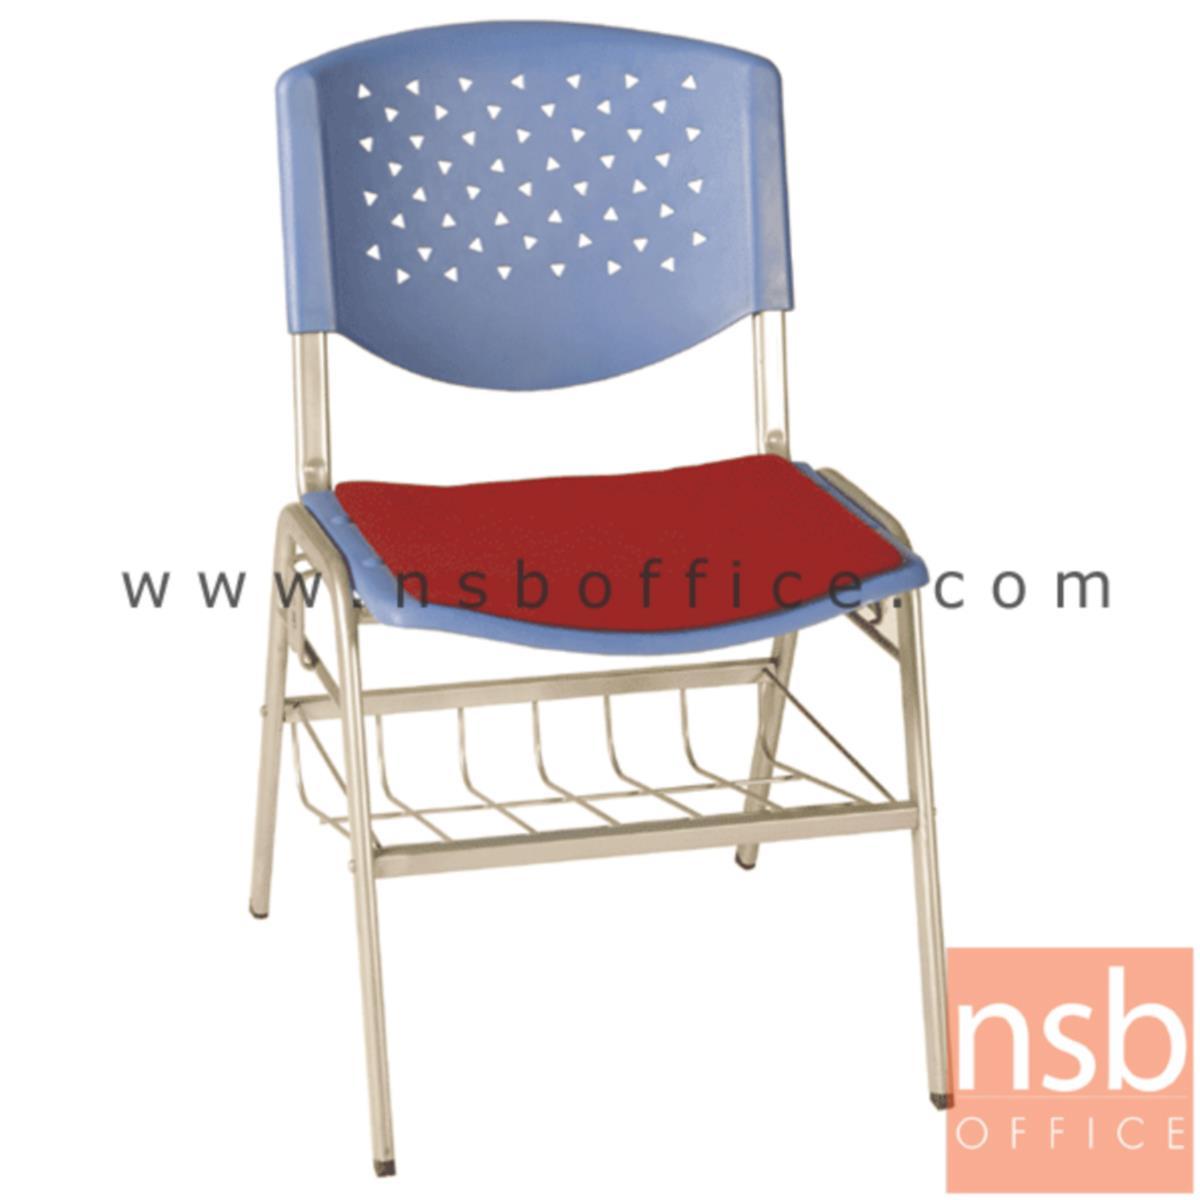 เก้าอี้อเนกประสงค์เฟรมโพลี่ รุ่น A336-726  มีตะแกรงวางของ ขาเหล็ก